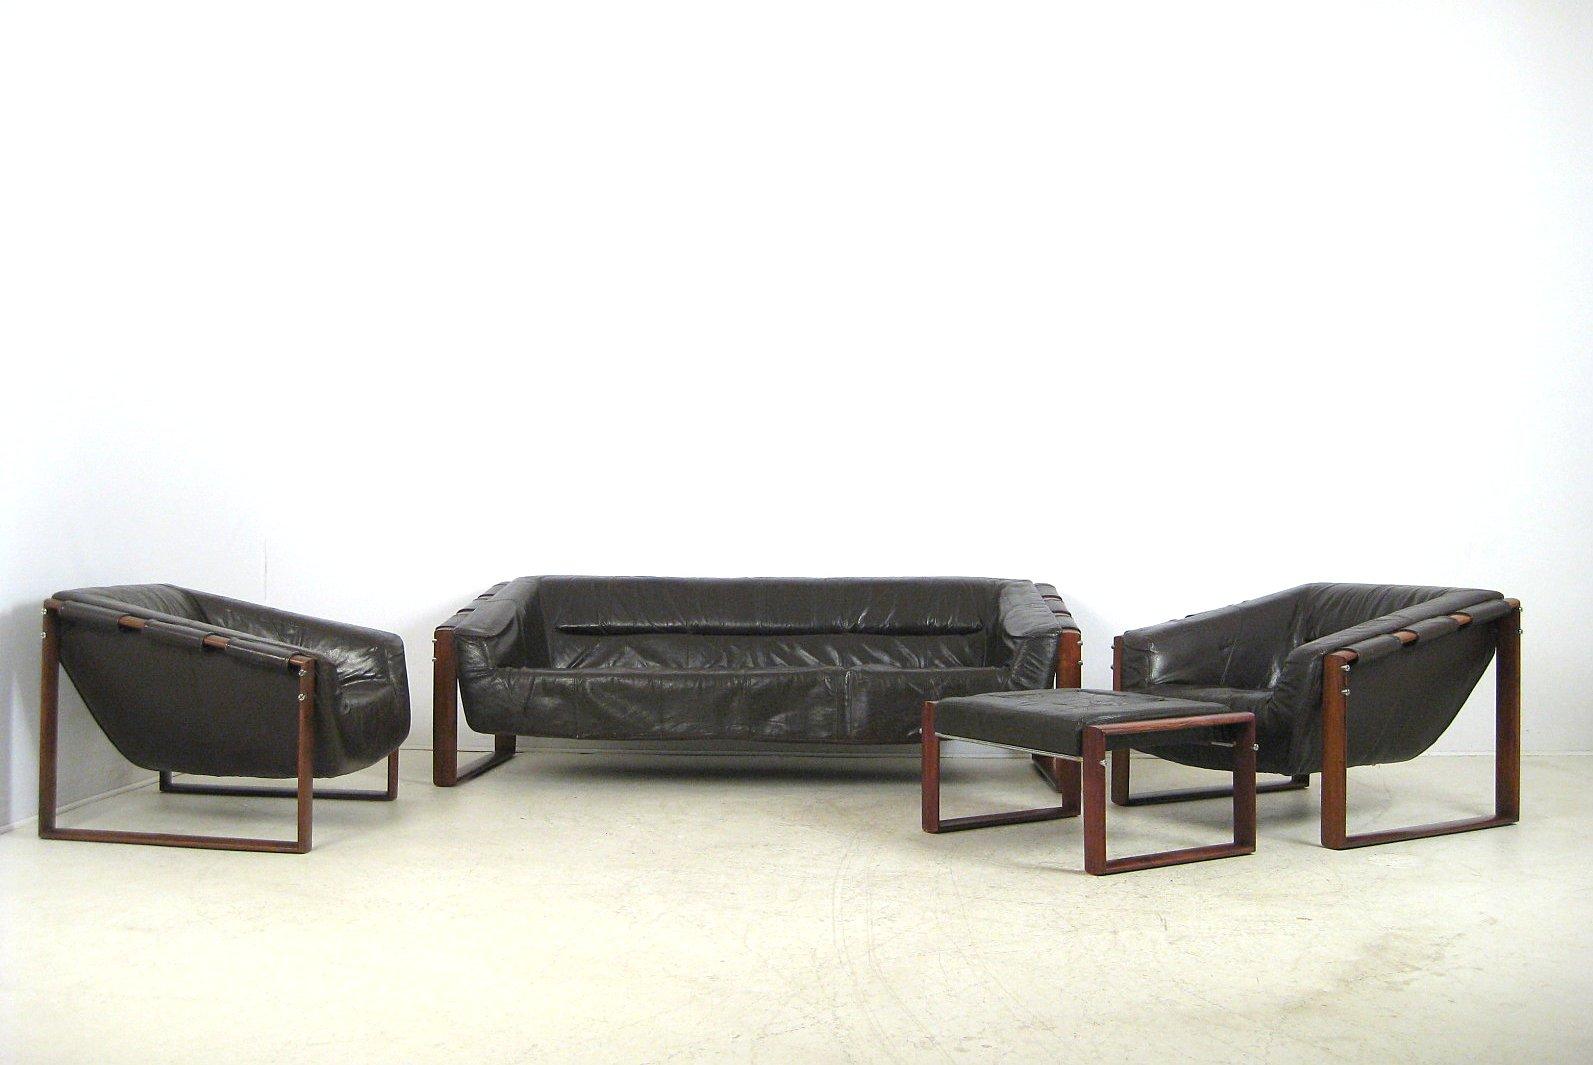 Uberlegen Good Percival Lafer Lounge Suite Der Er Jahre Sofa Paar Sessel  Ottomane Fr Lafer Furniture